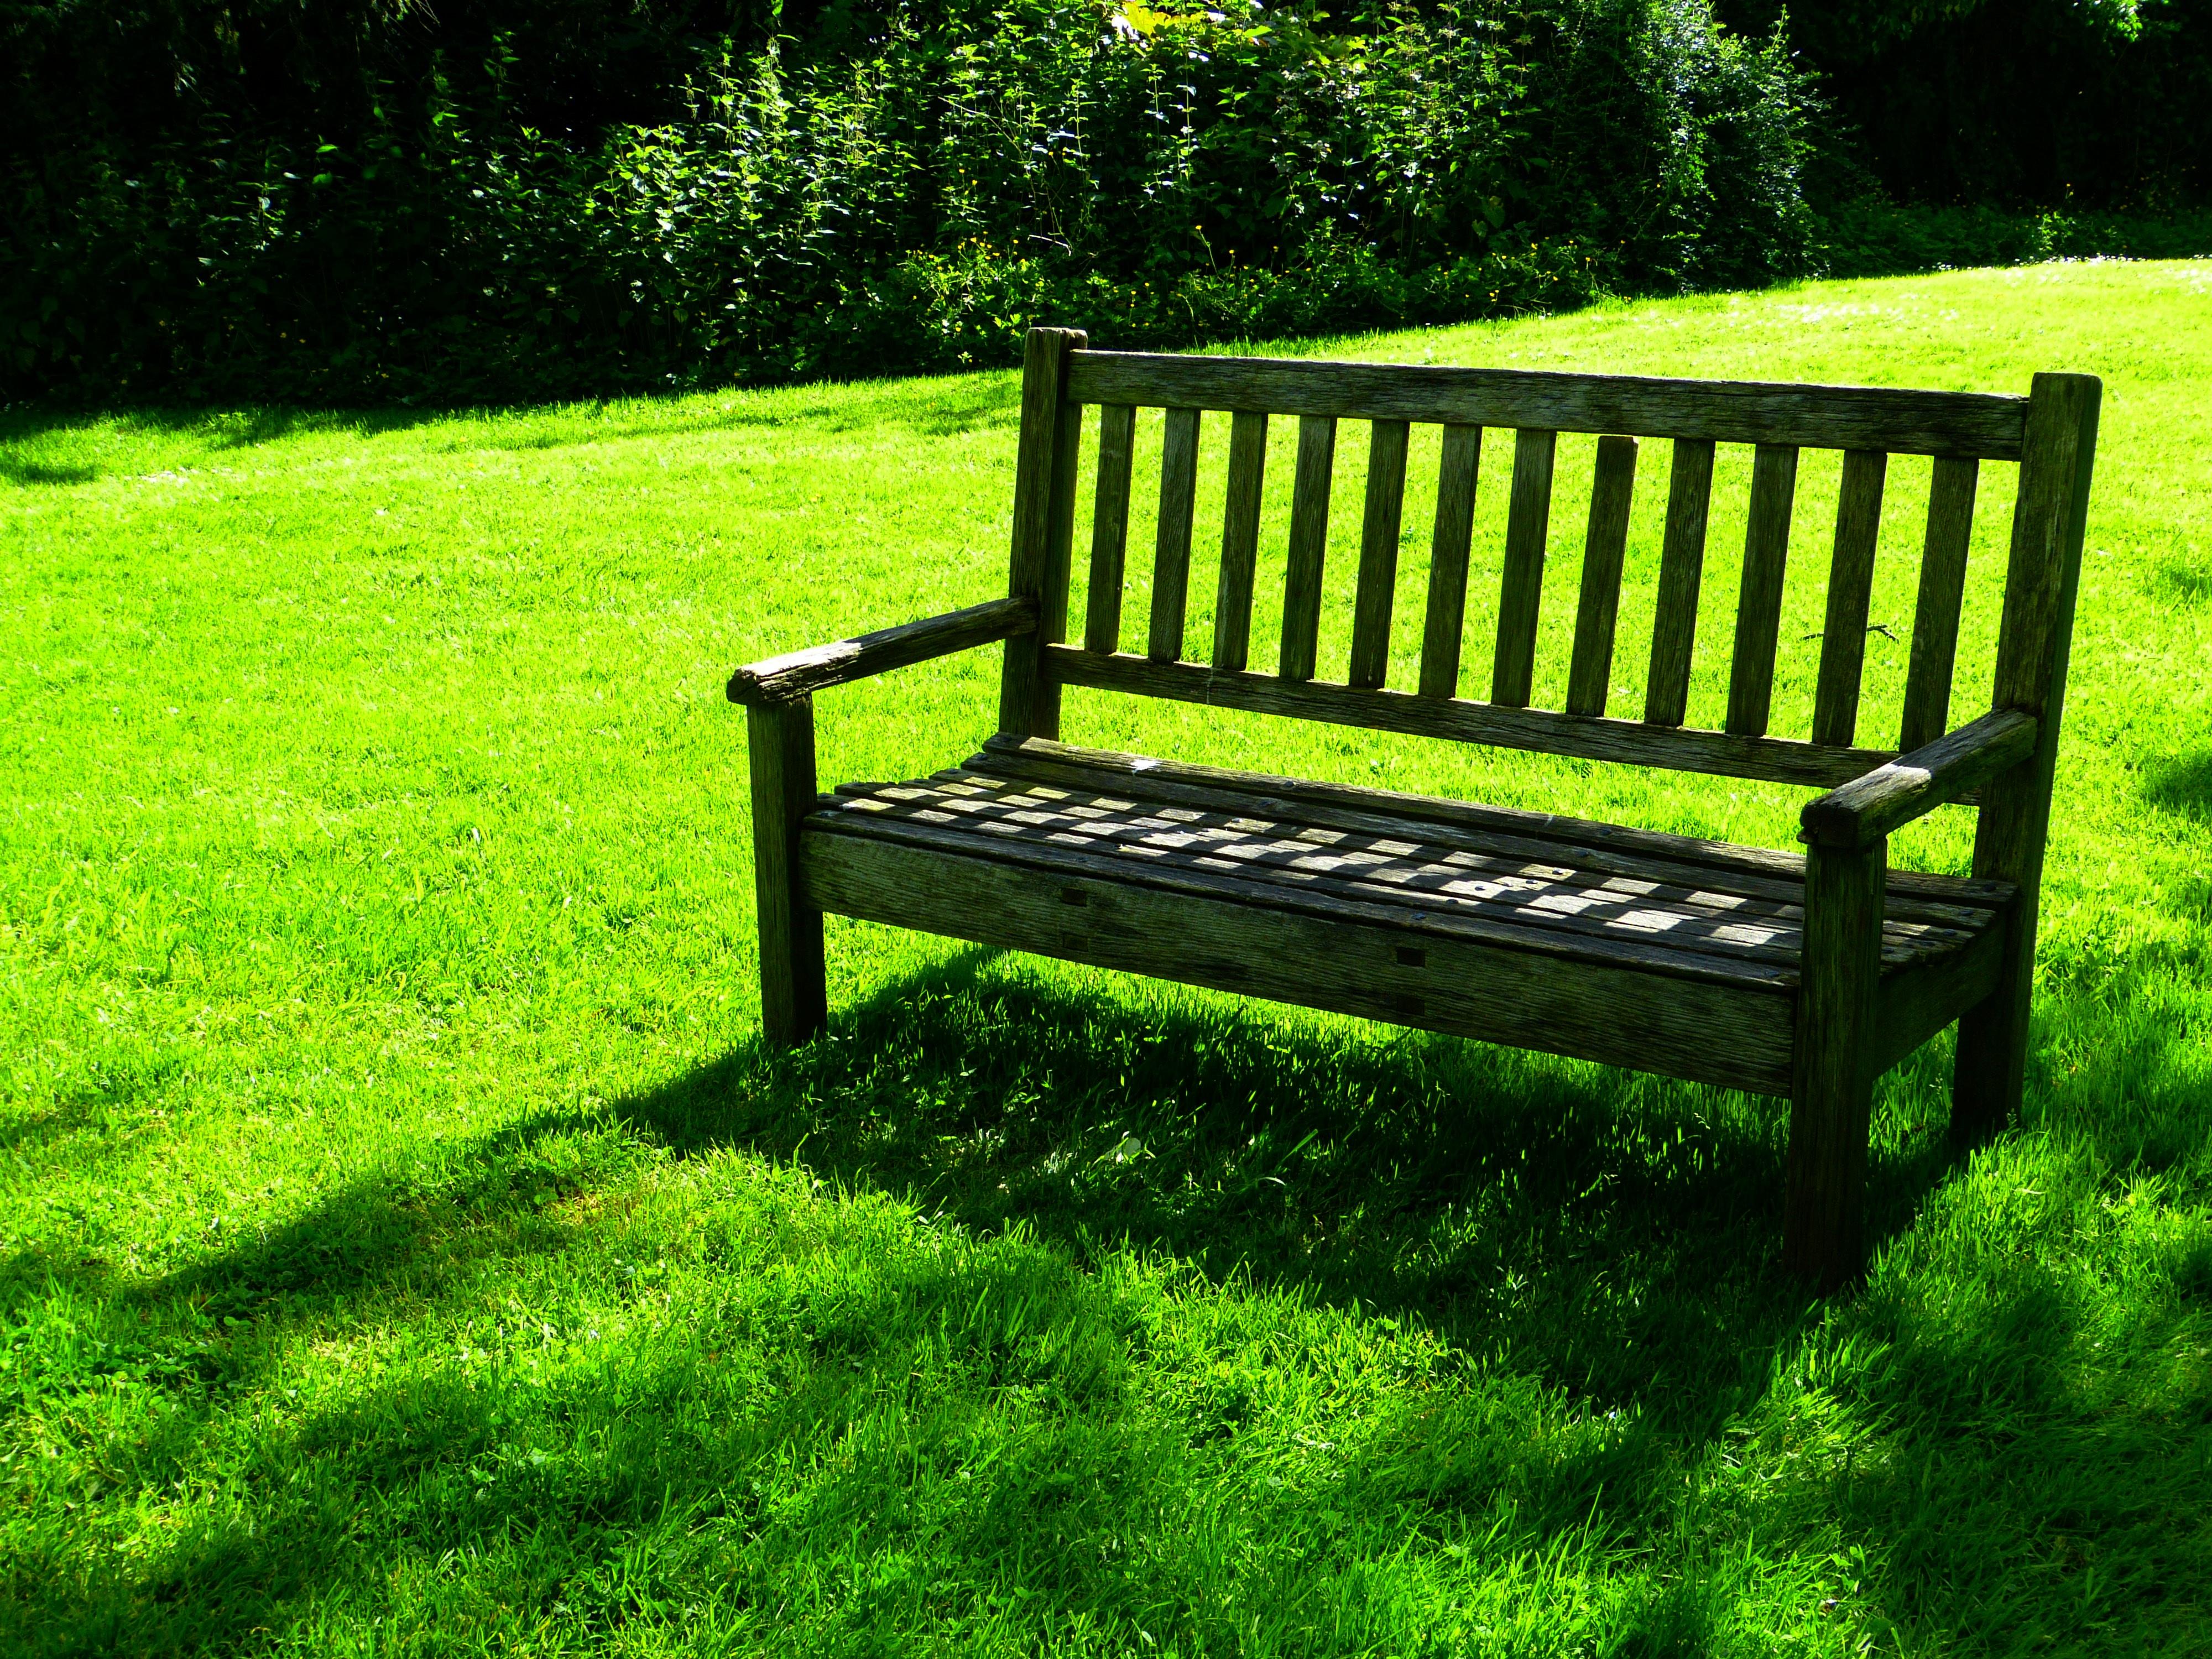 Fotos gratis : césped, banco, asiento, idílico, verde, relajarse ...